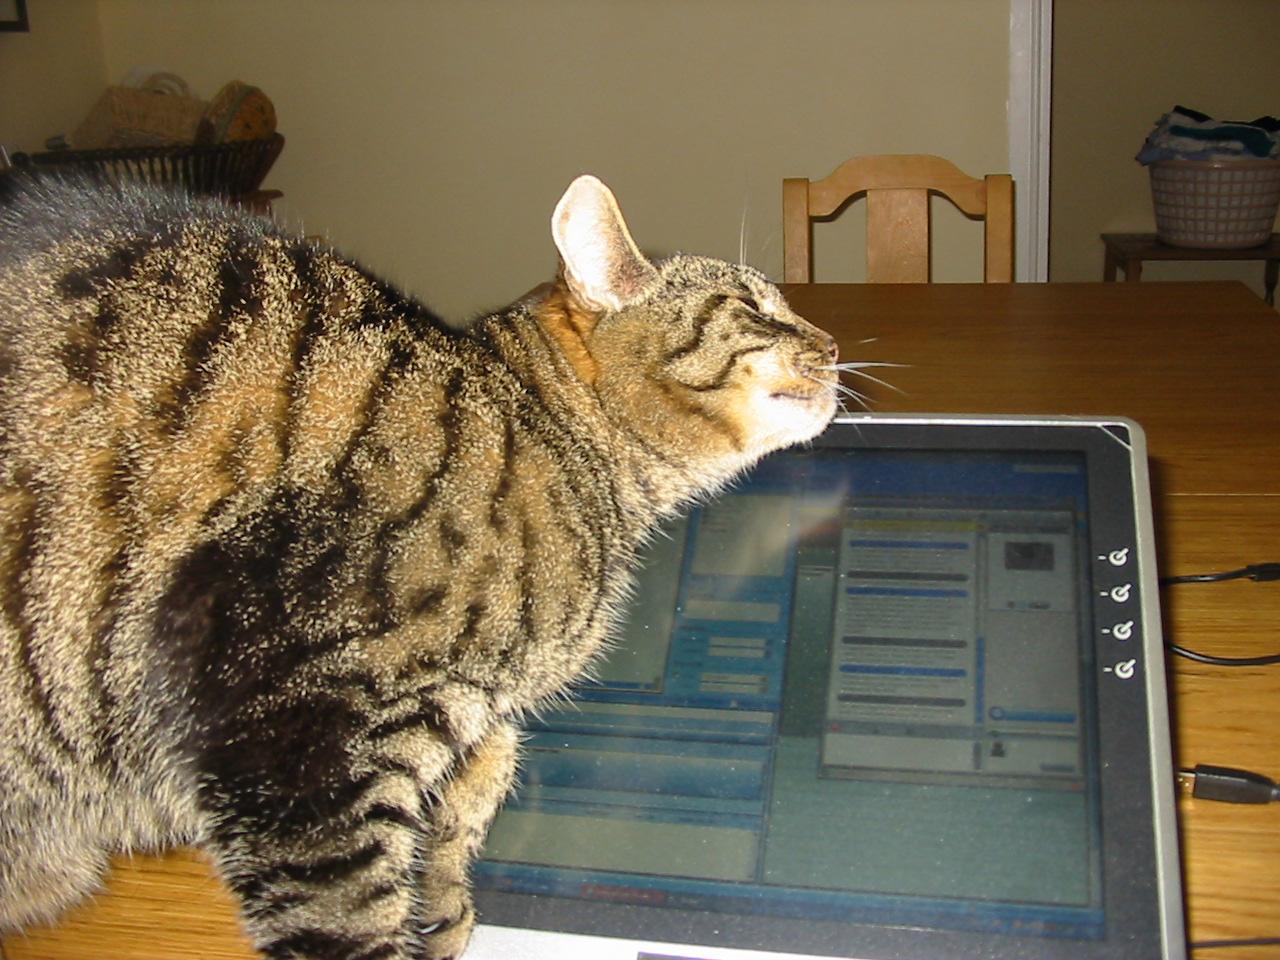 Ben on computer 2